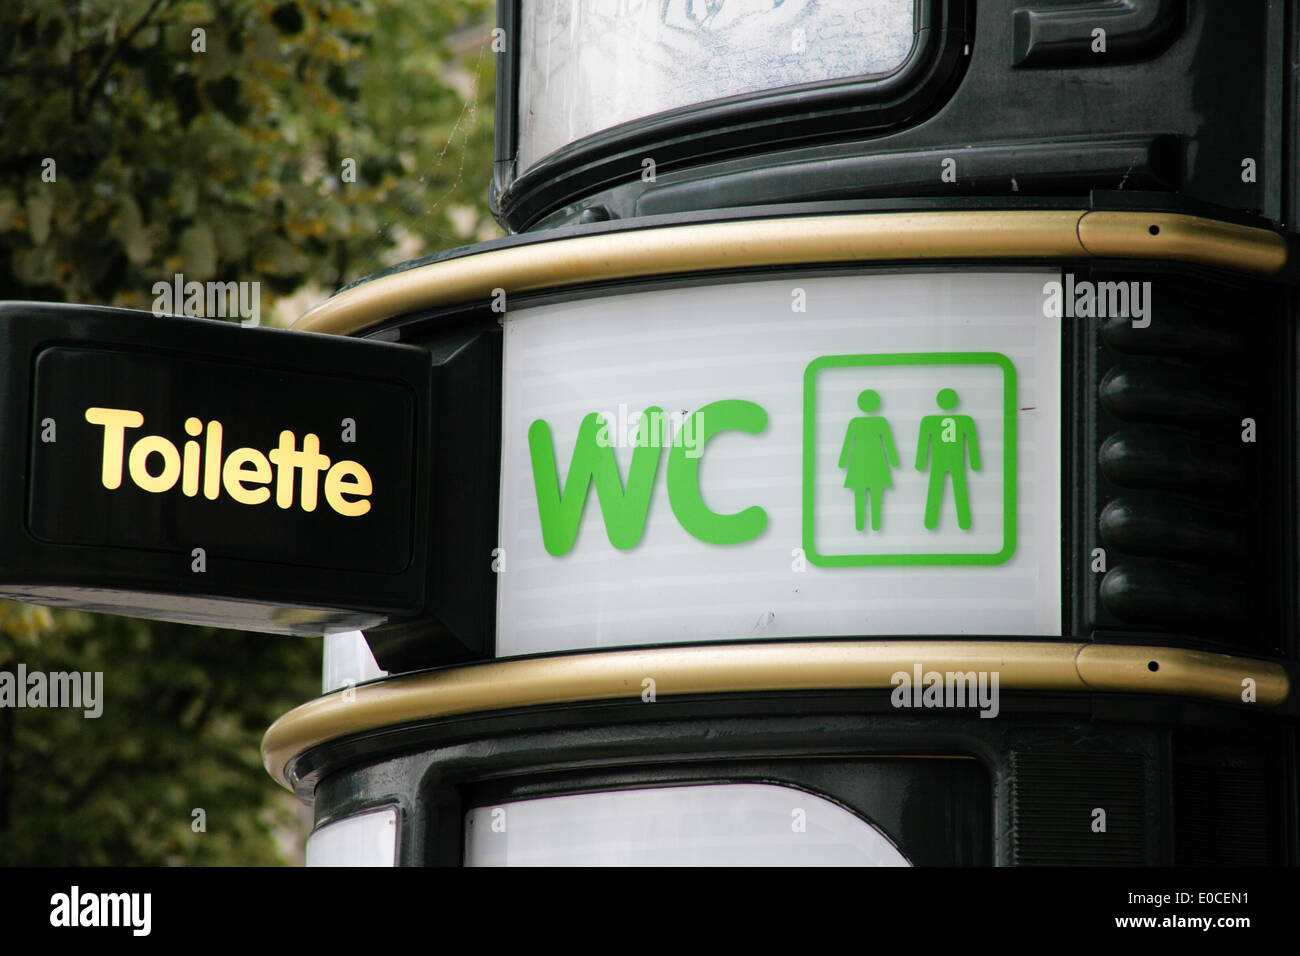 A public machine toilet in a town, Eine oeffentliche Automaten Toilette in einer Stadt - Stock Image